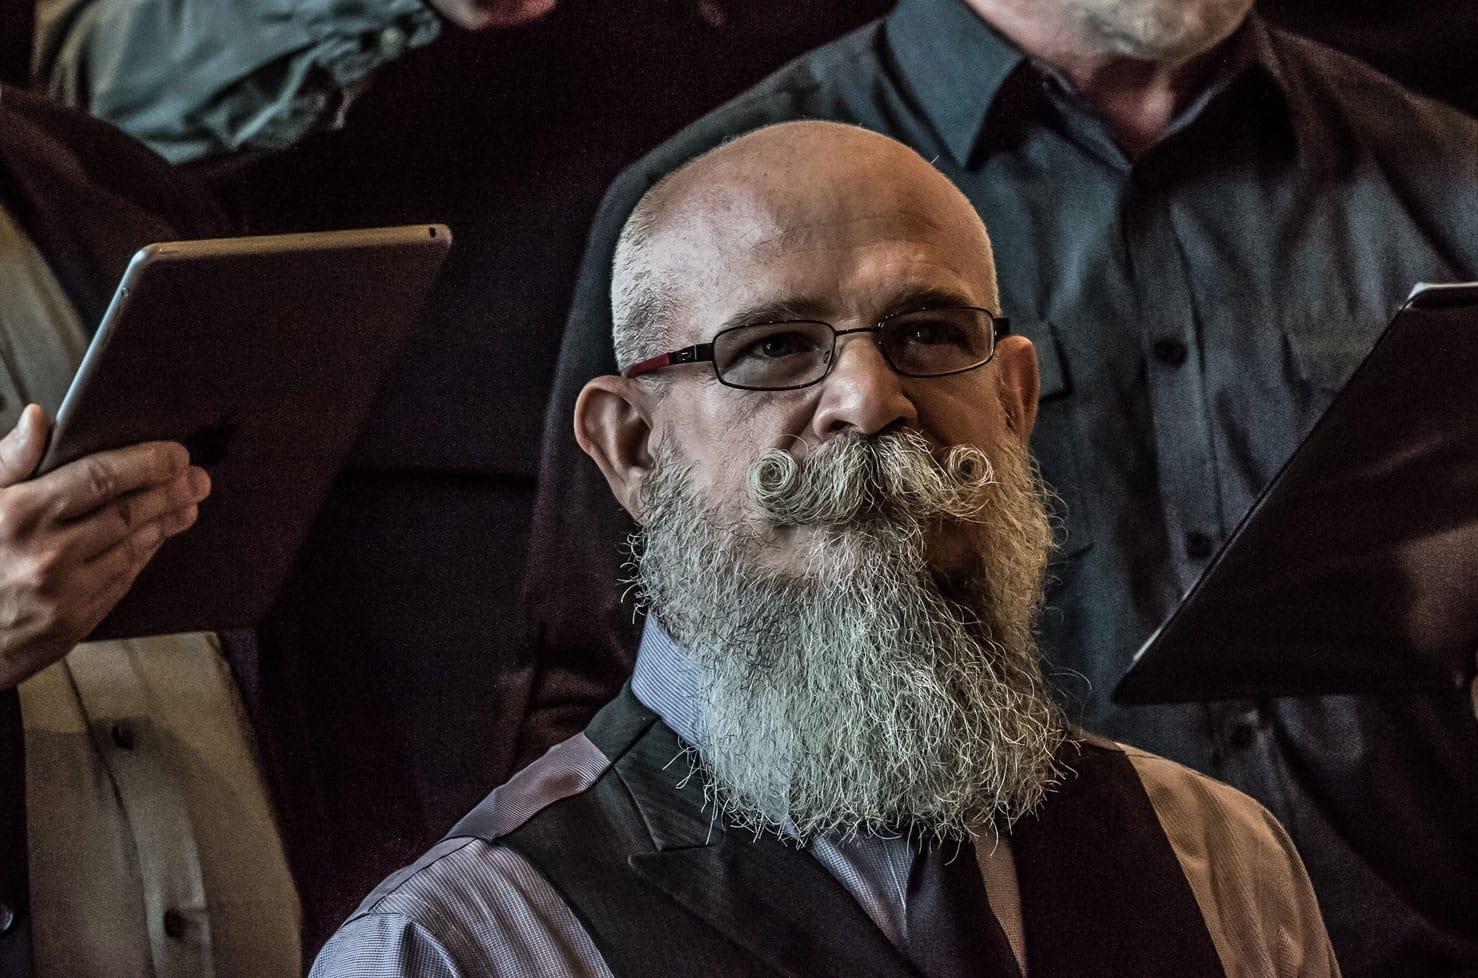 Оформление бороды VIP уровня за 1490 рублей